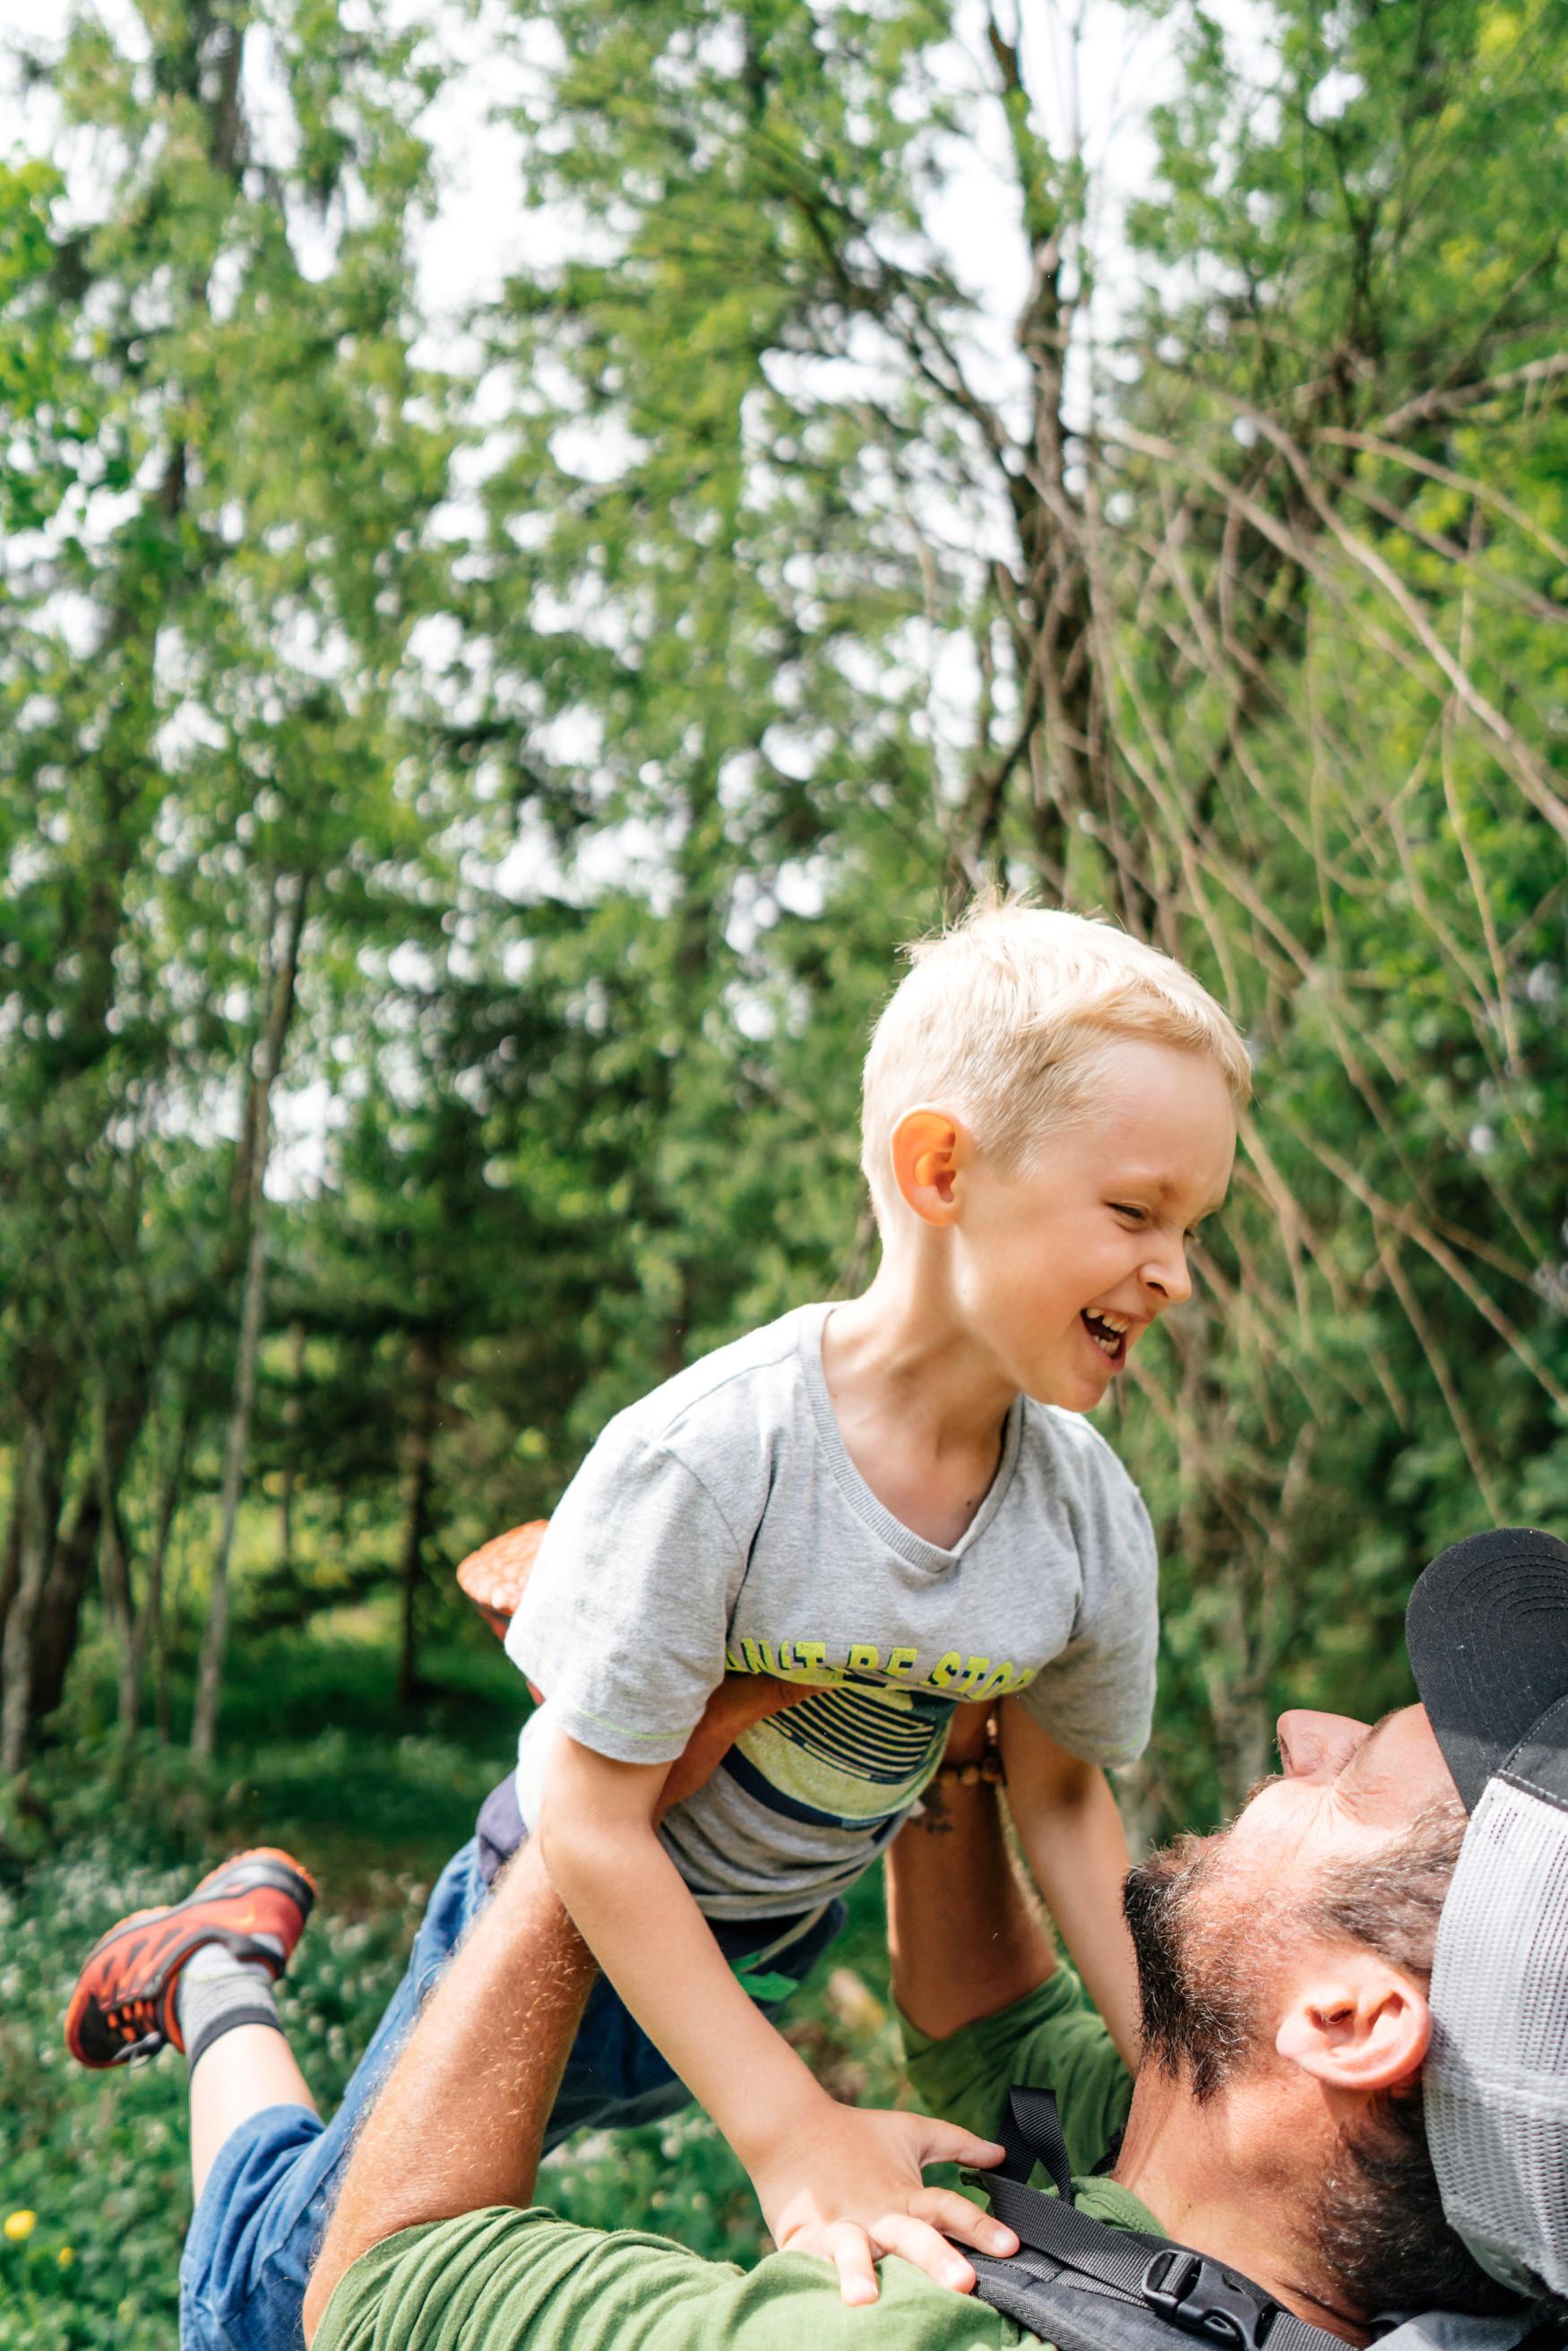 Abgestimmt auf die Fußanatomie der noch im Wachstum befindlichen Kinderfüße zeigt sich der innovative LOW-CUT-Multifunktionsschuh INNOX EVO GTX LO JUNIOR. Der Schuh ist für zahlreiche sportliche Aktivitäten draußen geeignet. Die leichte Sohle und der stabile Schaft machen ihn zum idealen Begleiter, da der Schuh auch den besonderen Herausforderungen beim Spielen und Toben gewachsen ist.